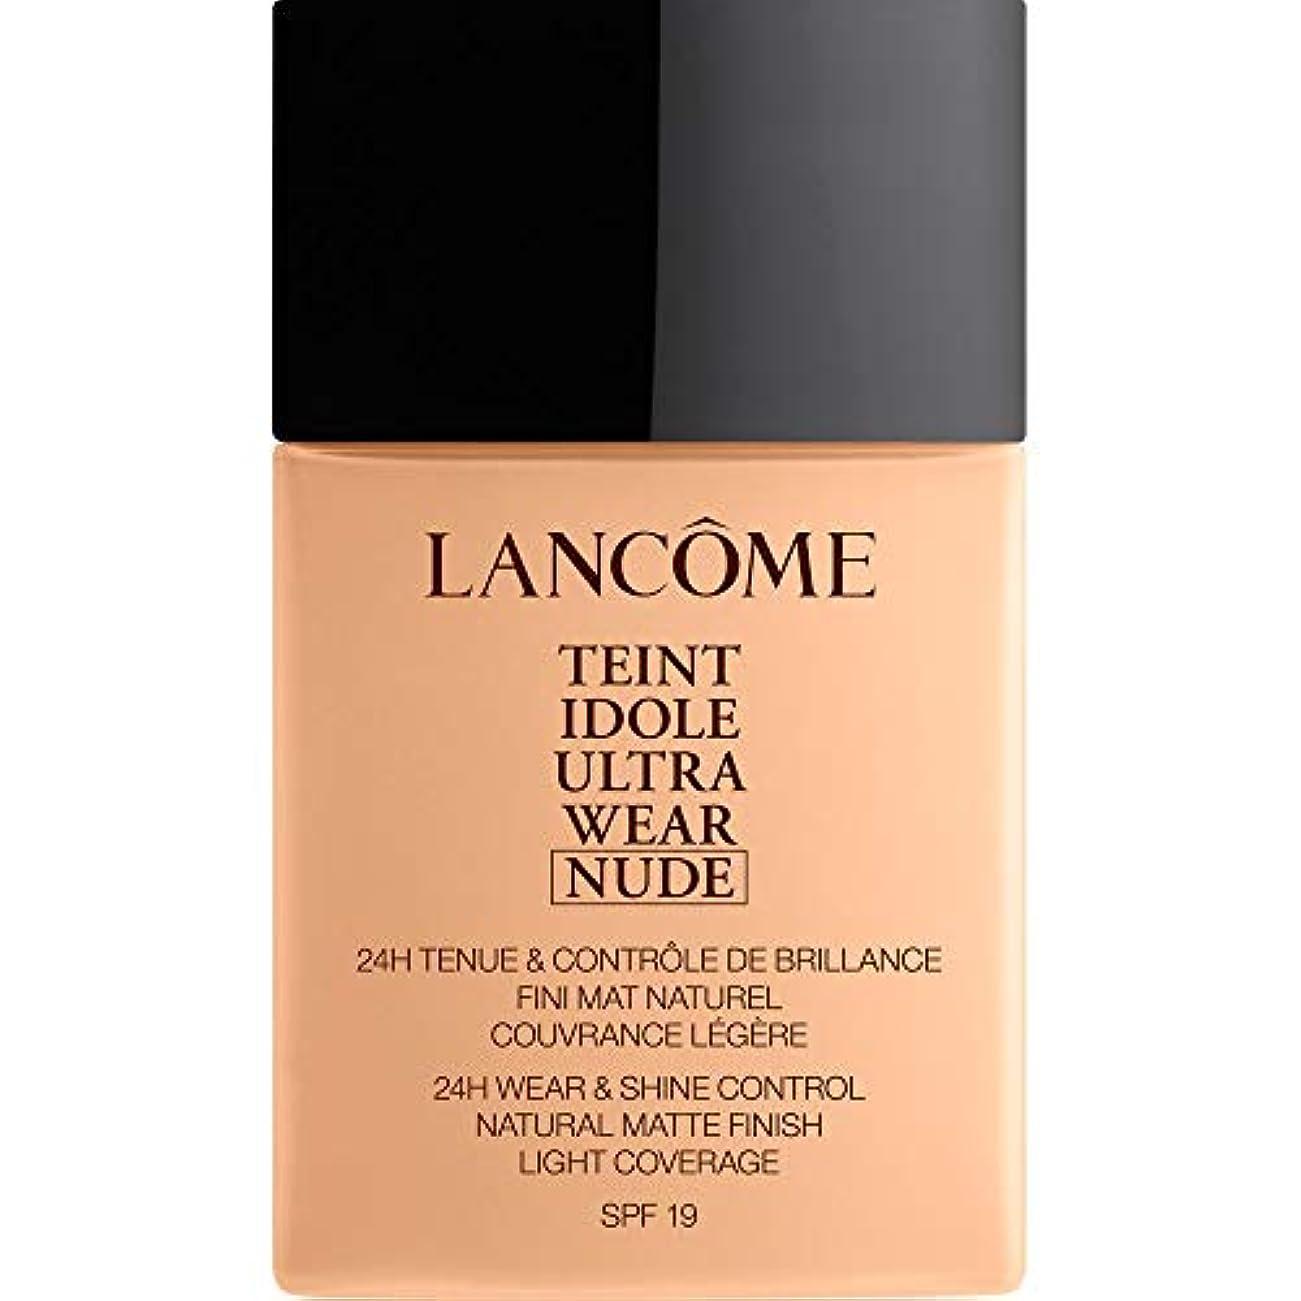 あまりにもクリアリマ[Lanc?me ] ランコムTeintのIdole超摩耗ヌード財団Spf19の40ミリリットル025 - ベージュLin - Lancome Teint Idole Ultra Wear Nude Foundation...